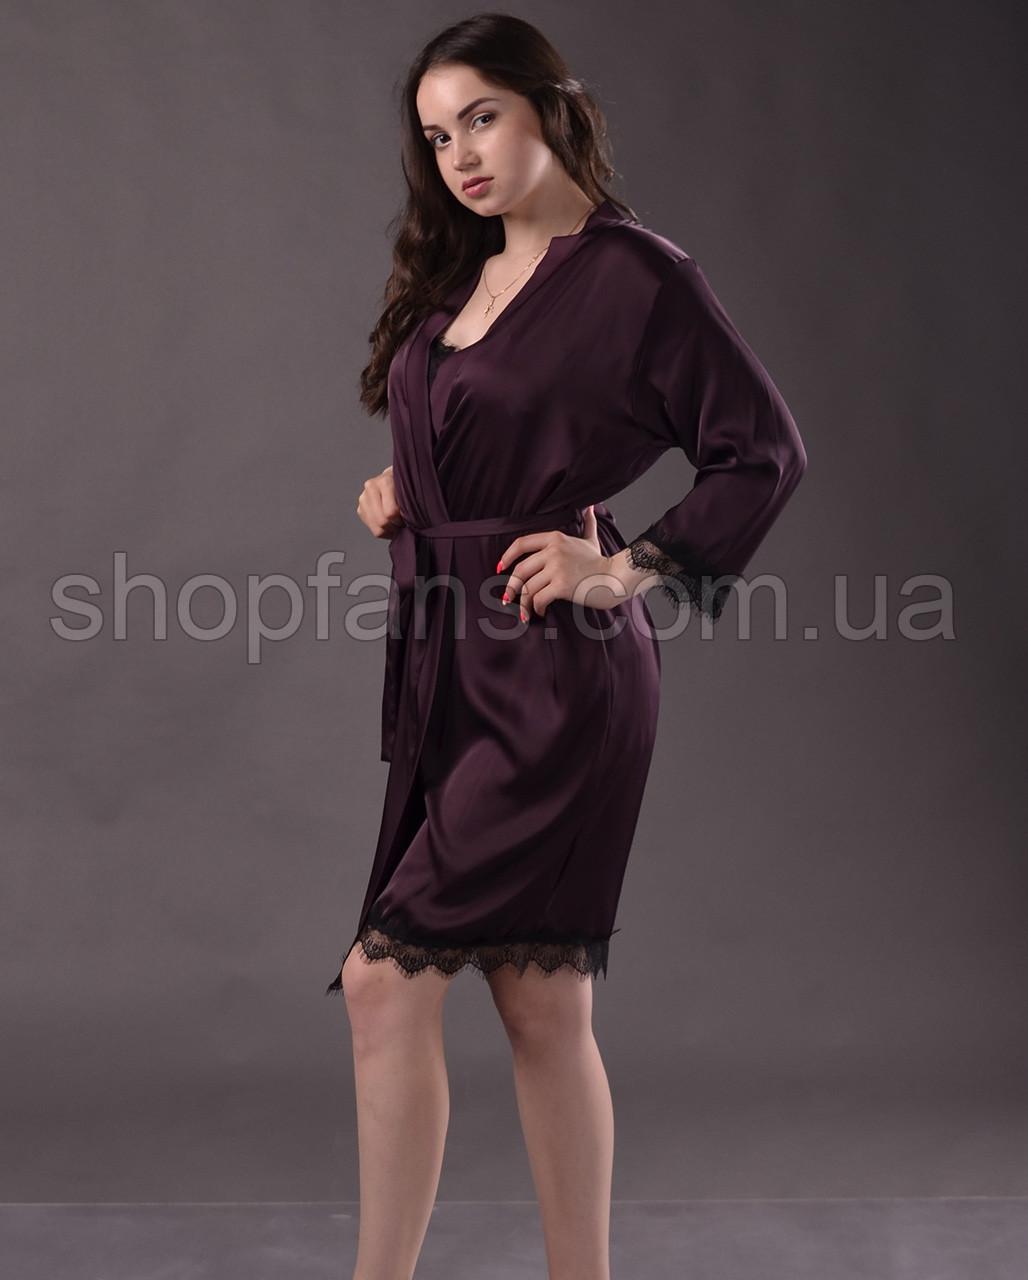 9739812ced4e Комплект женский ( пеньюар + халат ) из шелка Армани с французским кружевом  ...